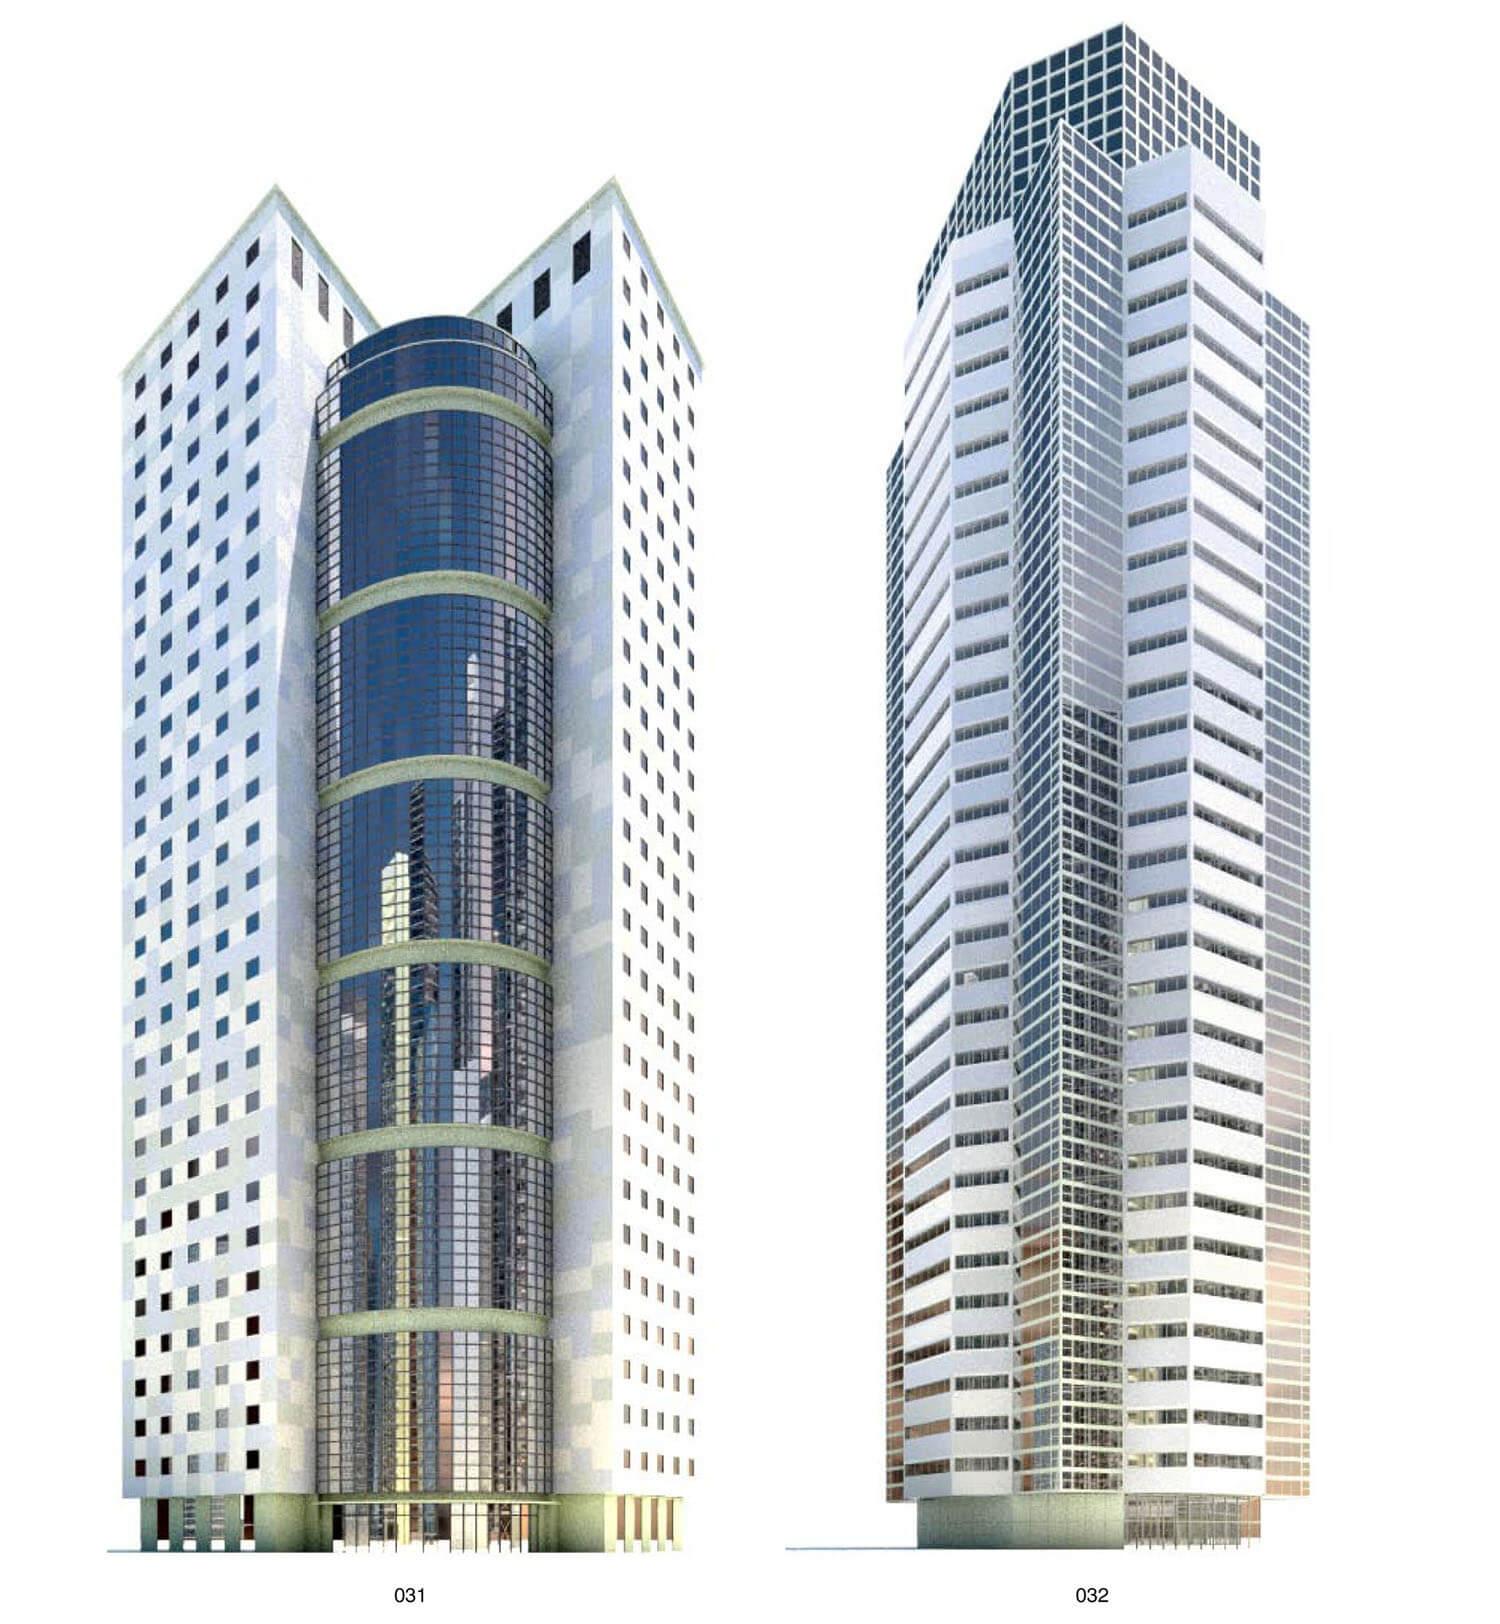 Nhà cao tầng với tông màu trắng, hẳn sẽ rất nổi bật giữa rừng nhà cao tầng bằng kính